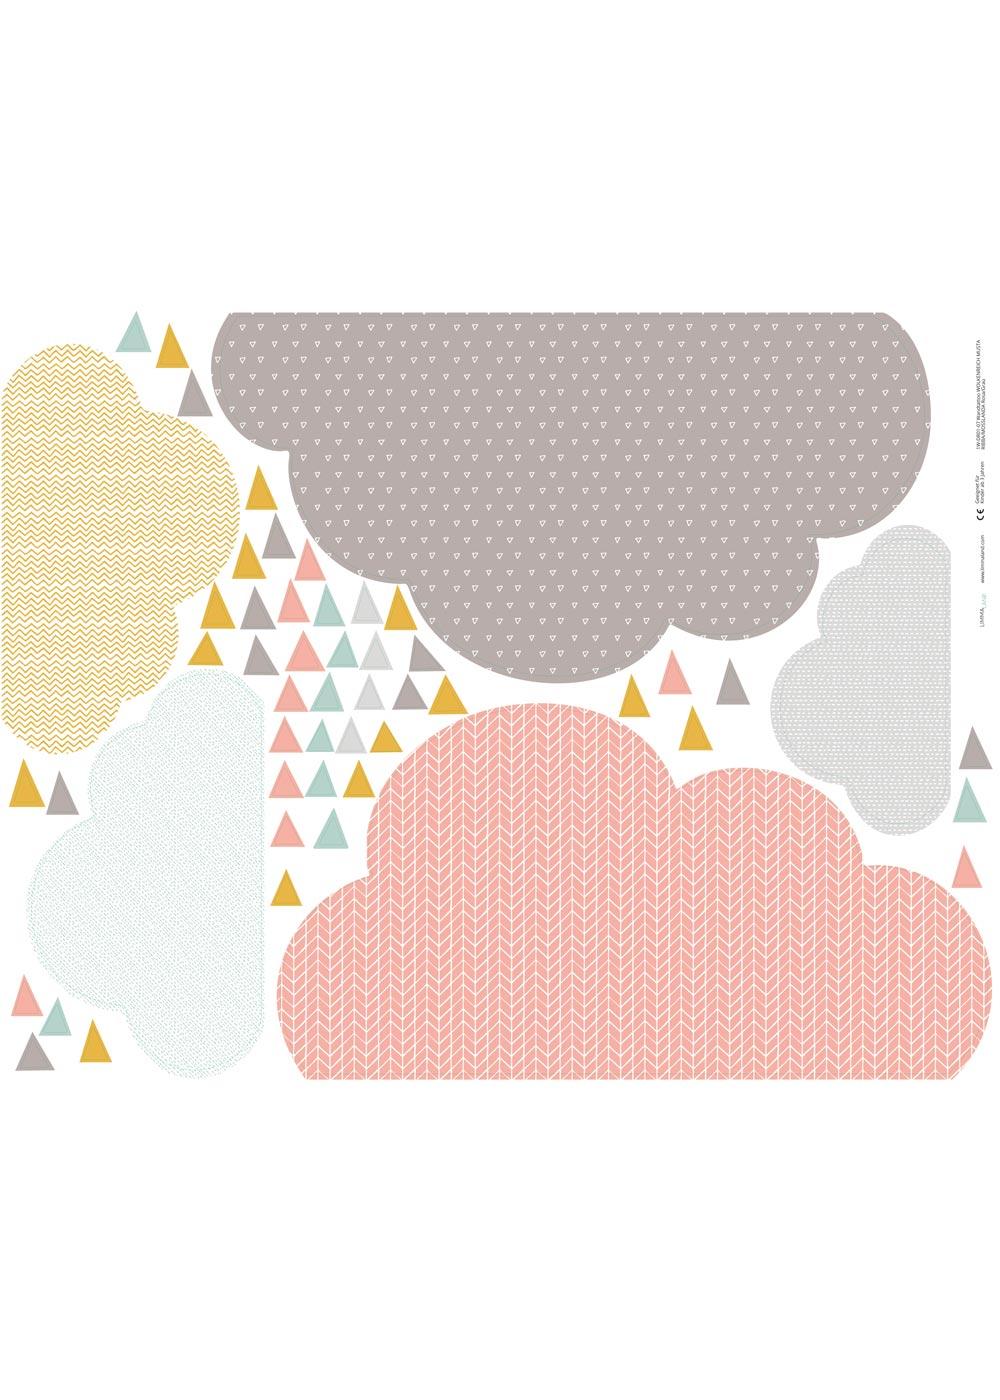 Ikea Mosslanda Bilderleiste Musta Wolken rosa taupe Druckvorlage